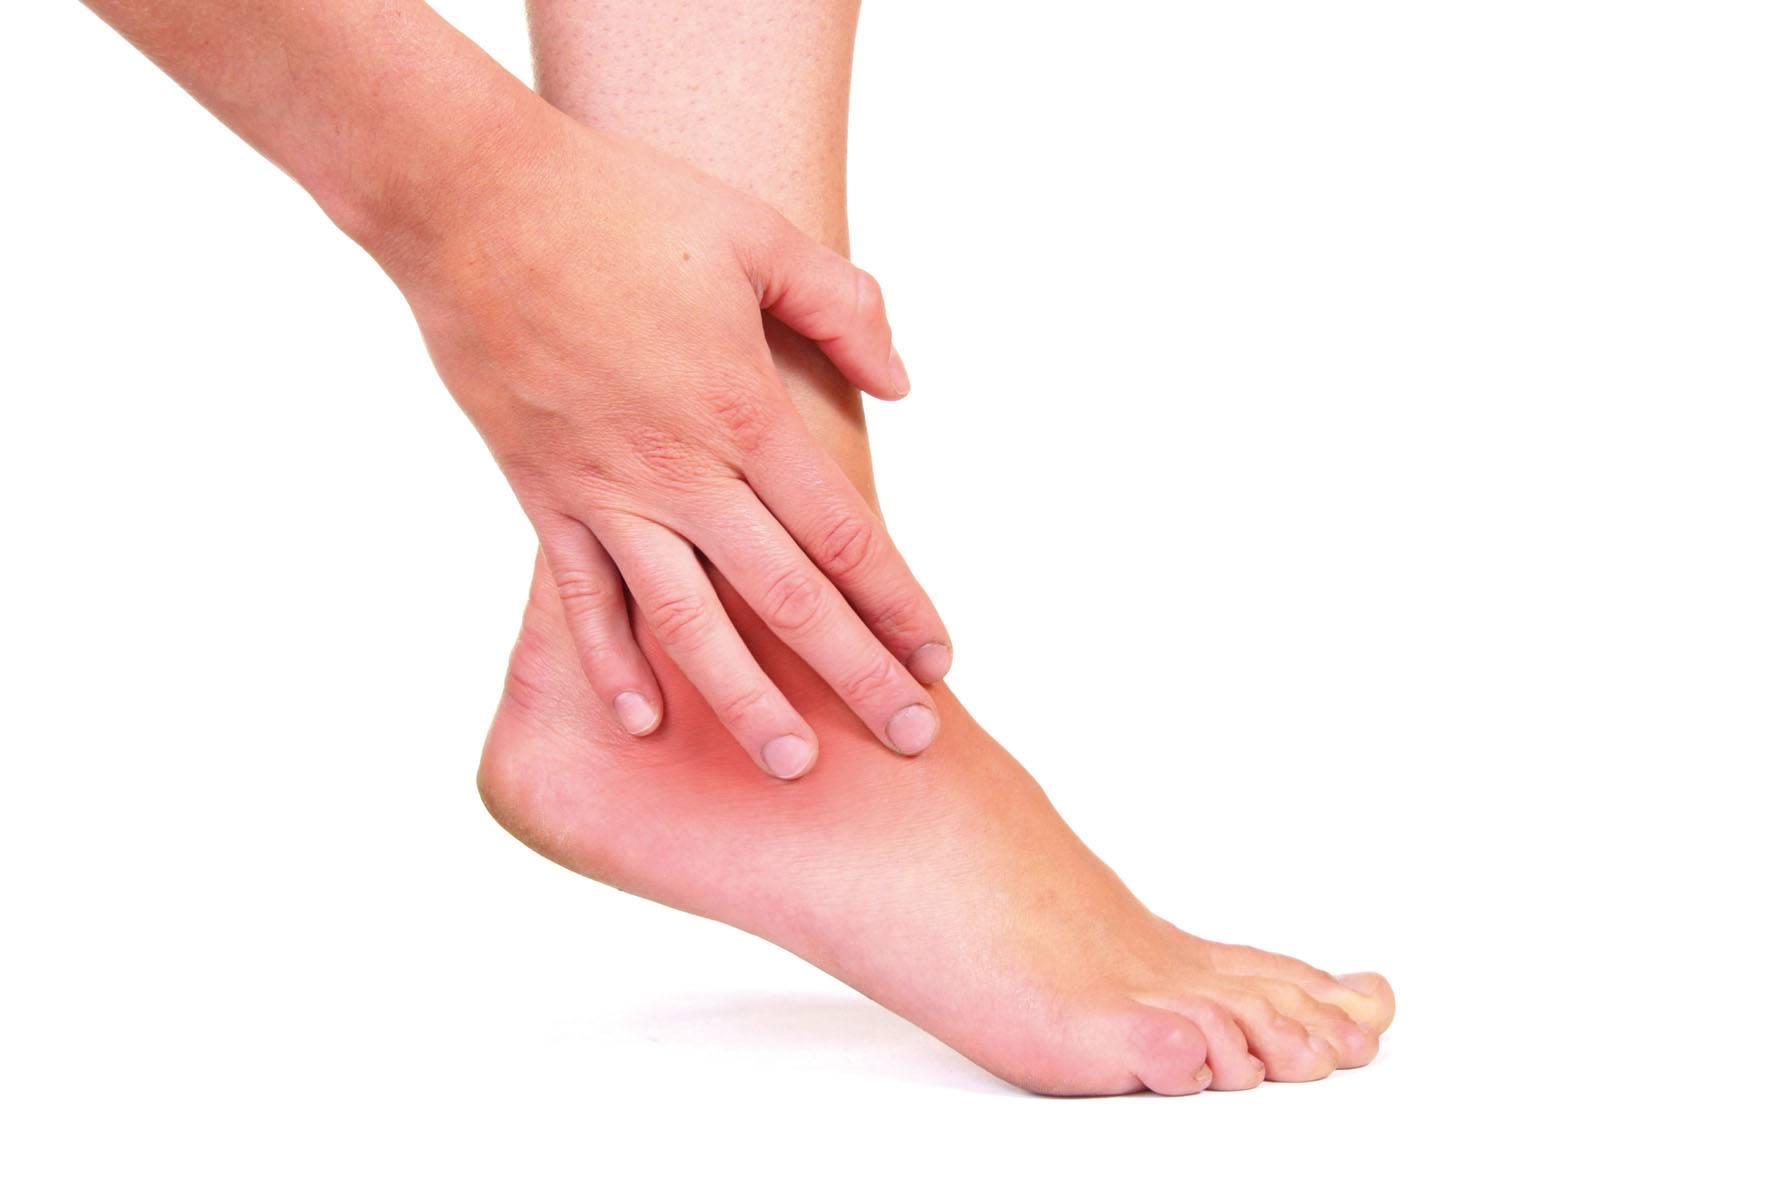 Боль в пятке при ходьбе: причины, виды боли, эффективное лечение